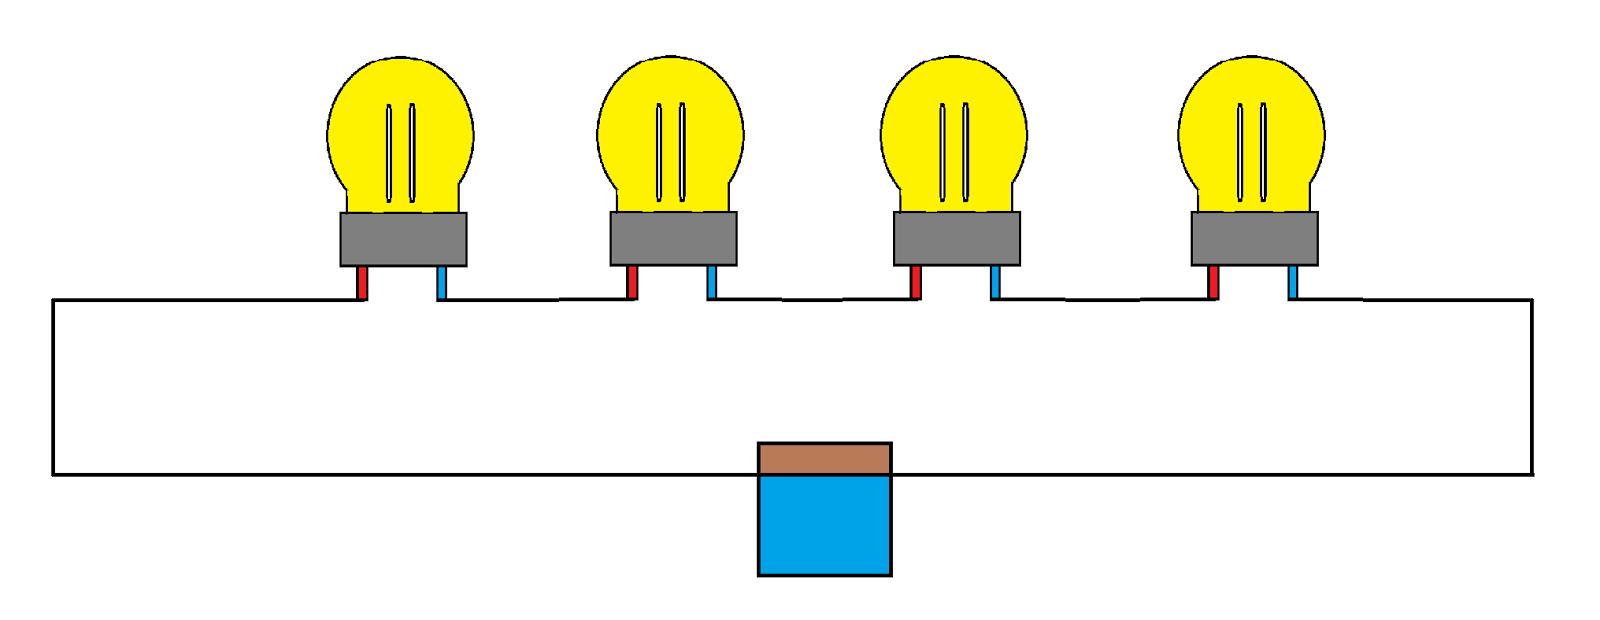 Groovy Merangkai Rangkaian Listrik Seri Dan Paralel Besarta Teori Kerjanya Wiring Database Gramgelartorg